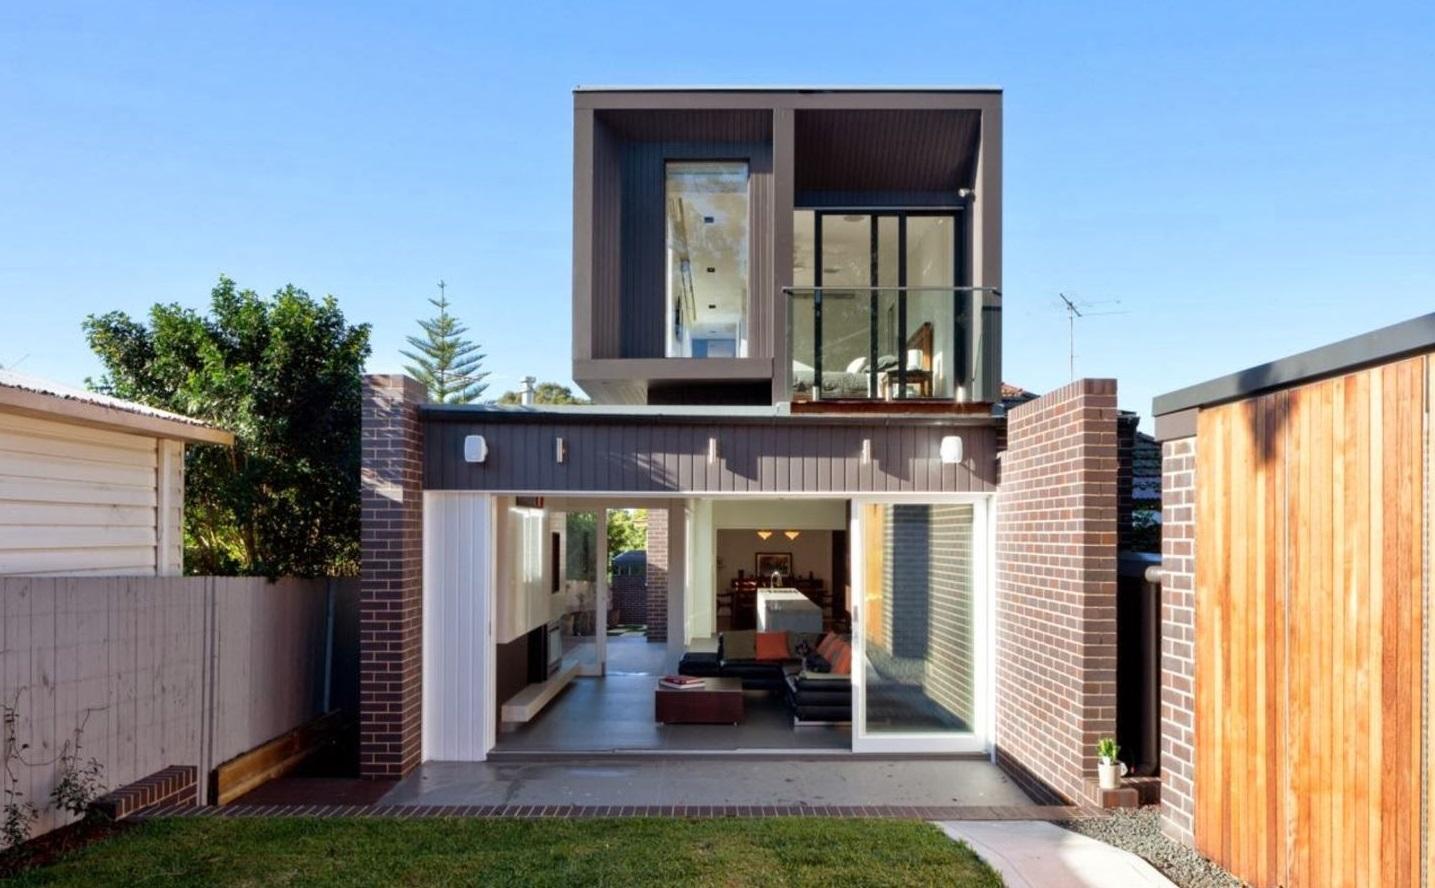 Casa entre medianeras for Fachadas de casas modernas entre medianeras